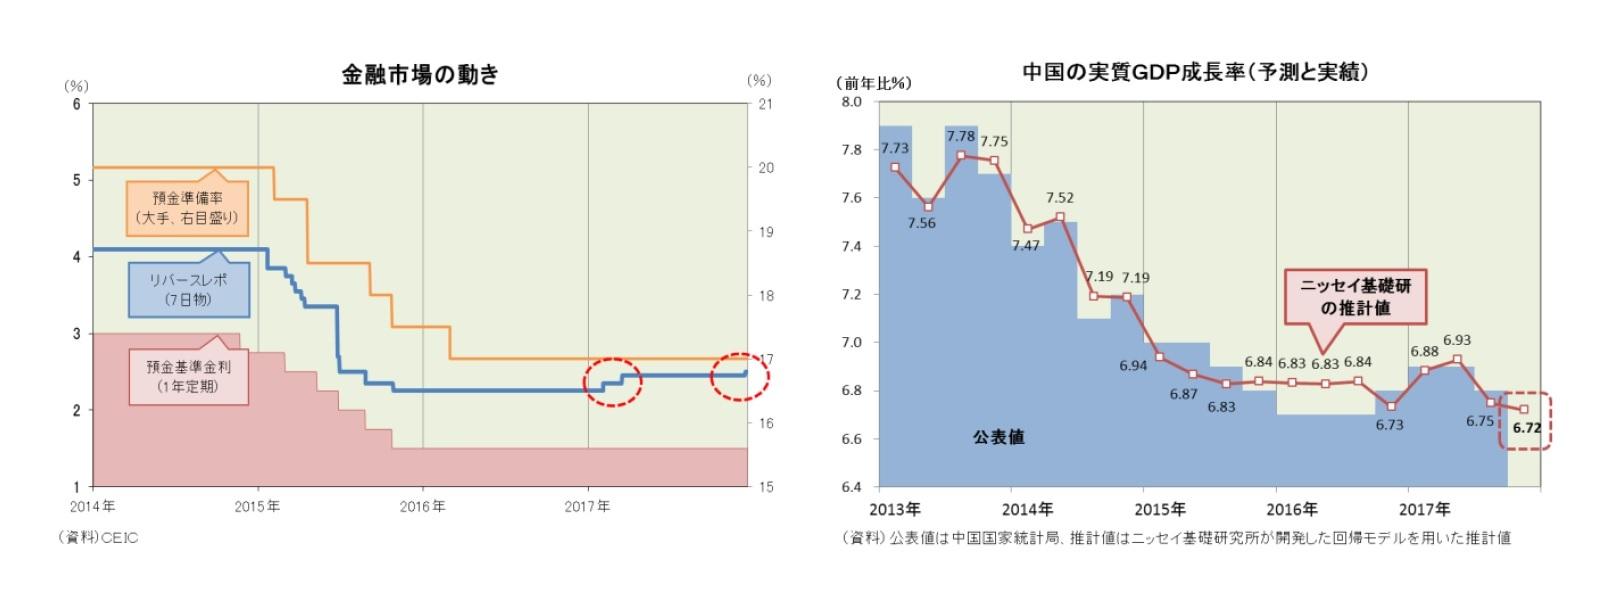 金融市場の動き/中国の実質GDP成長率(予測と実績)